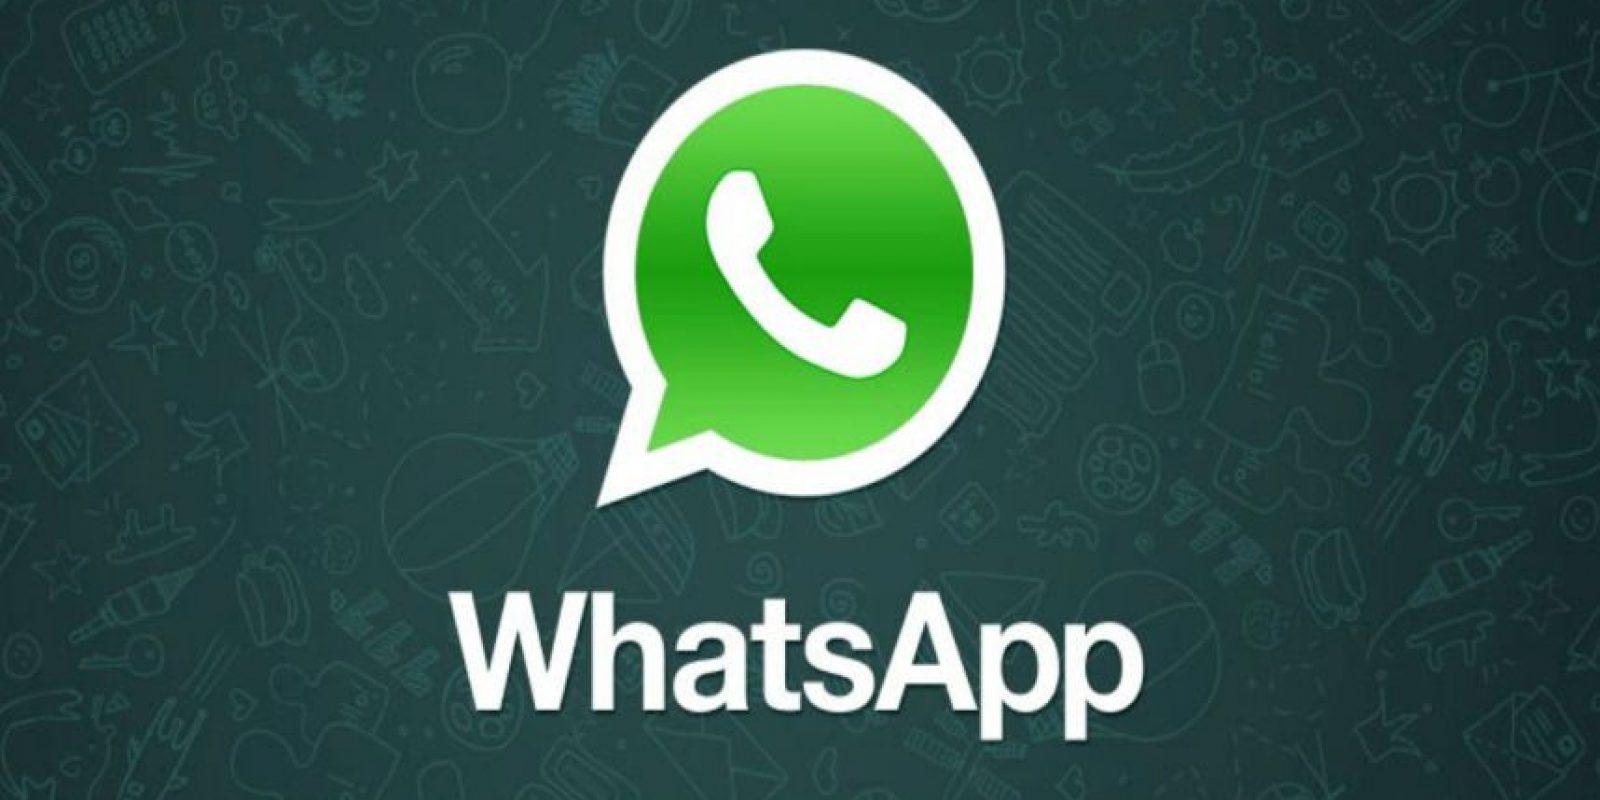 También la posibilidad de añadir contactos a través de código QR. Foto:WhatsApp